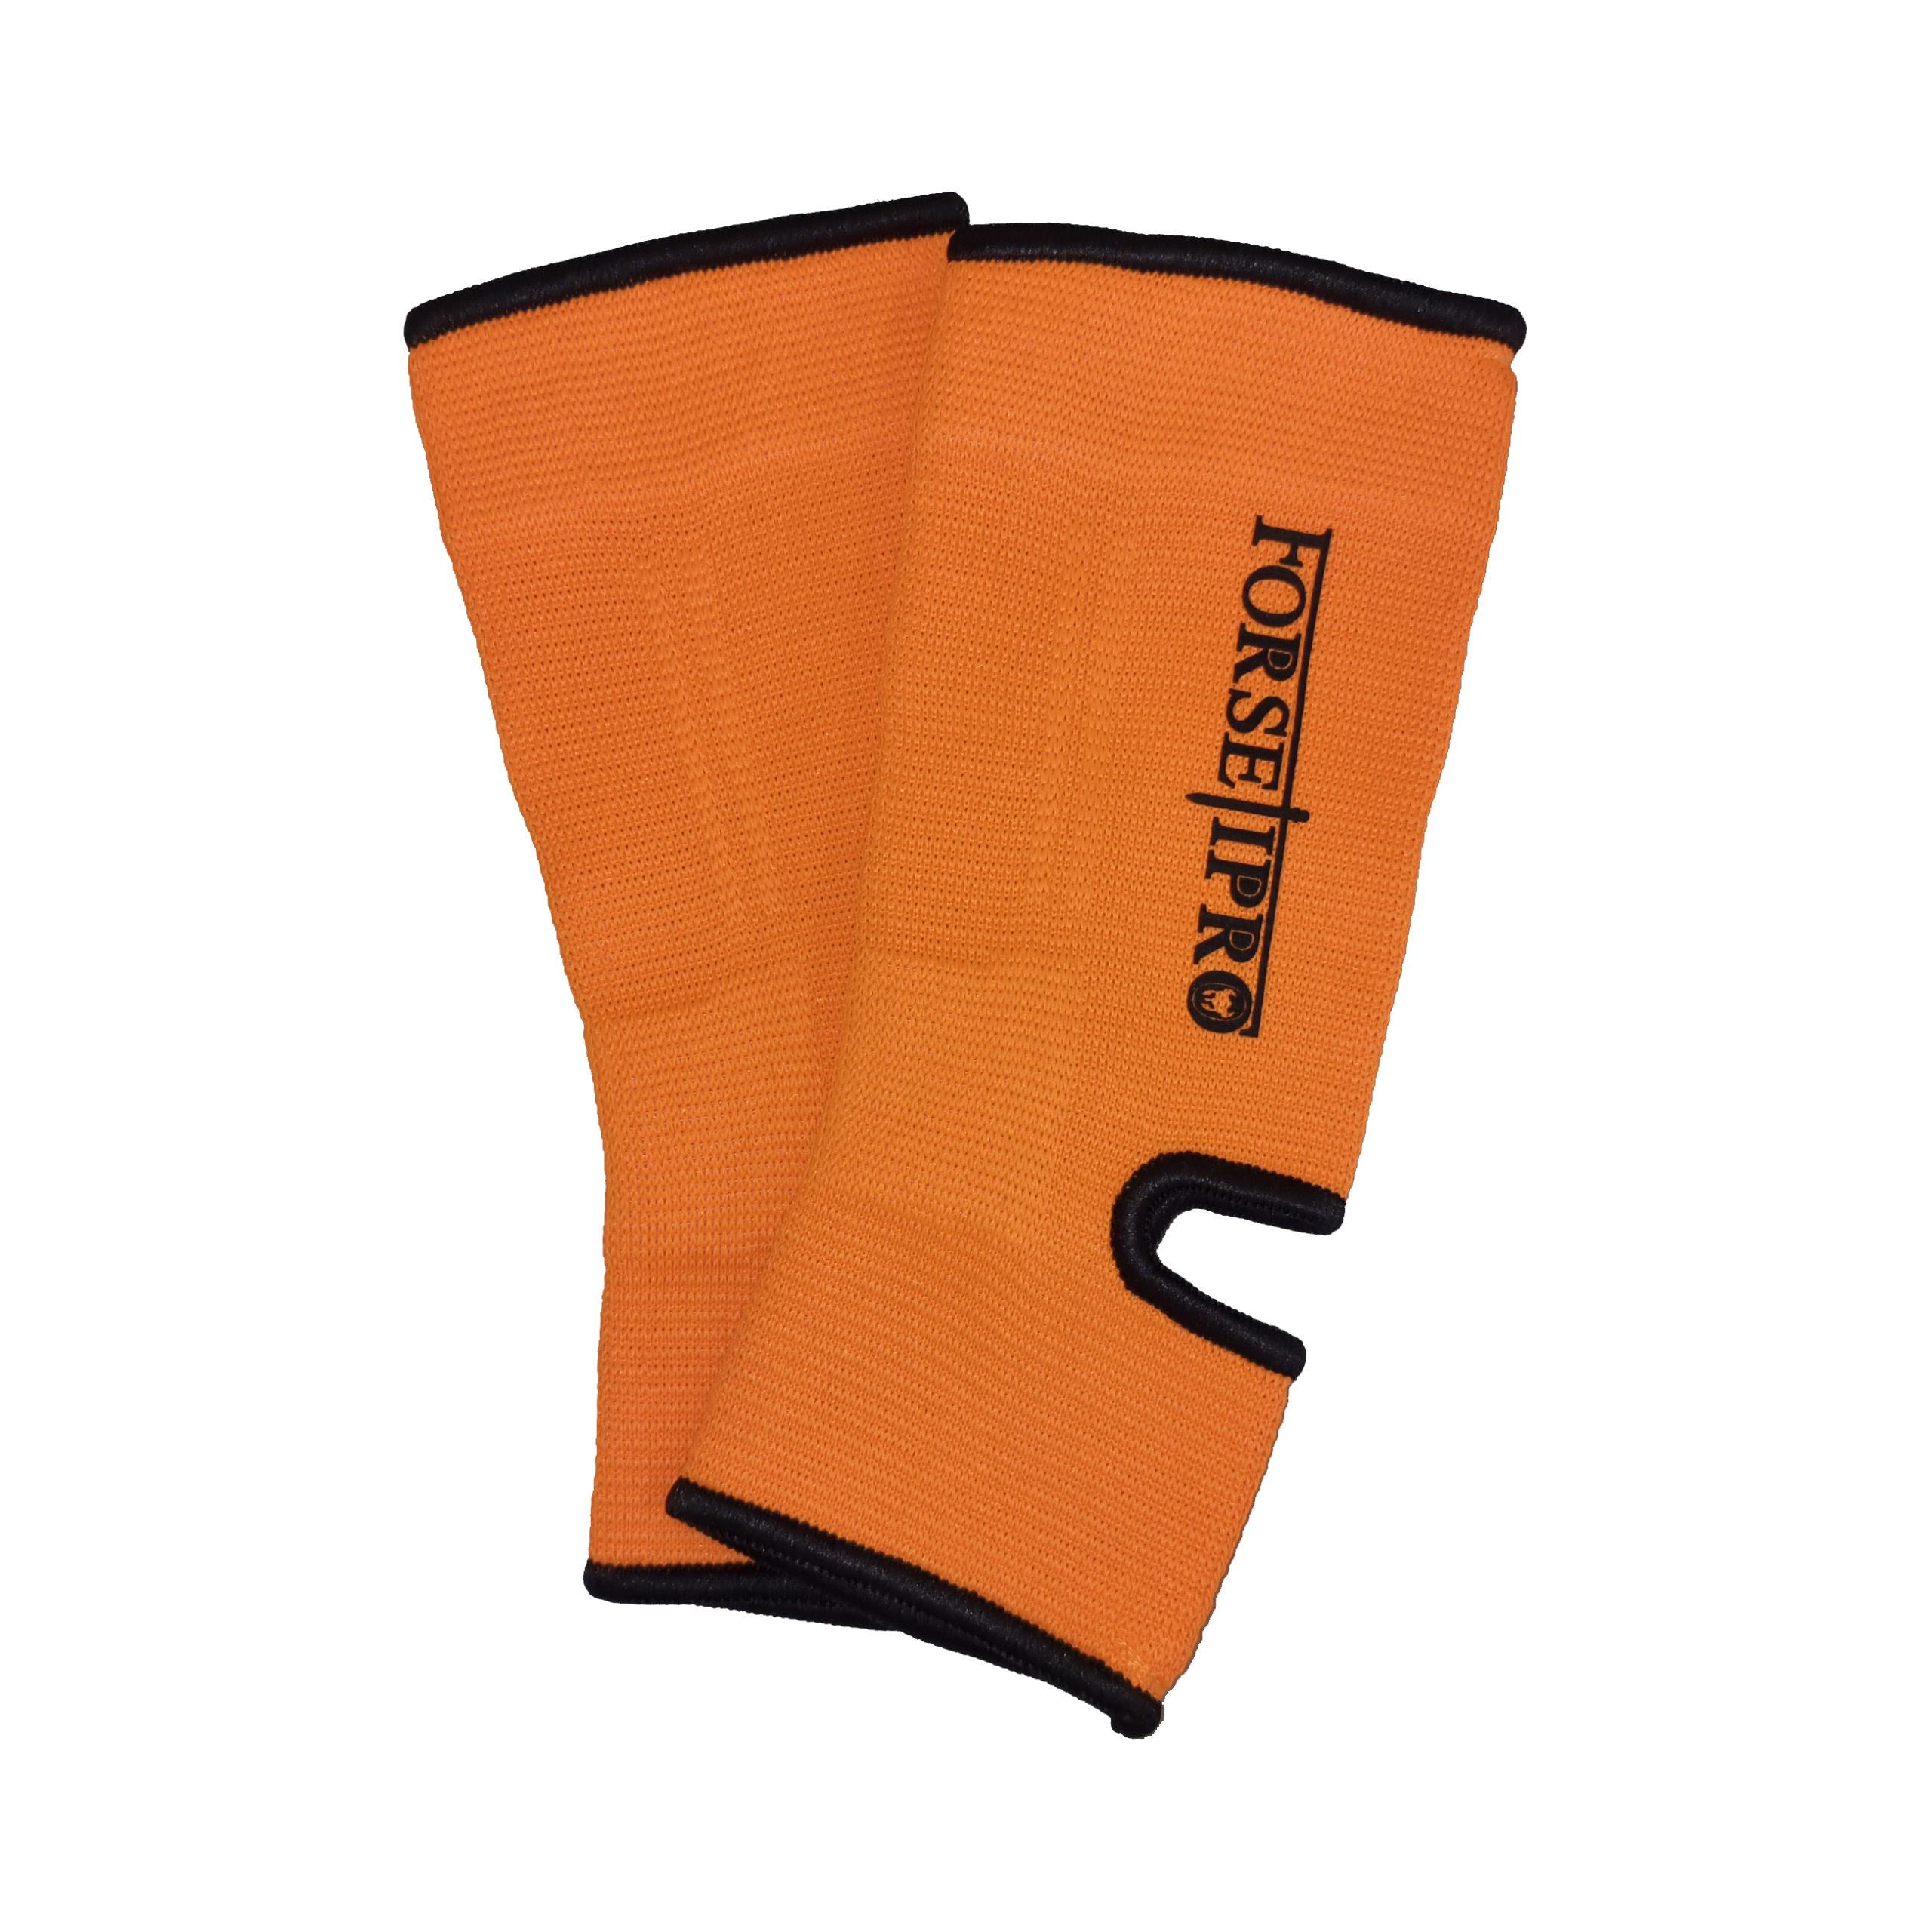 Forseti Pro Enkelkousen B-Stock – Oranje met zwart 1